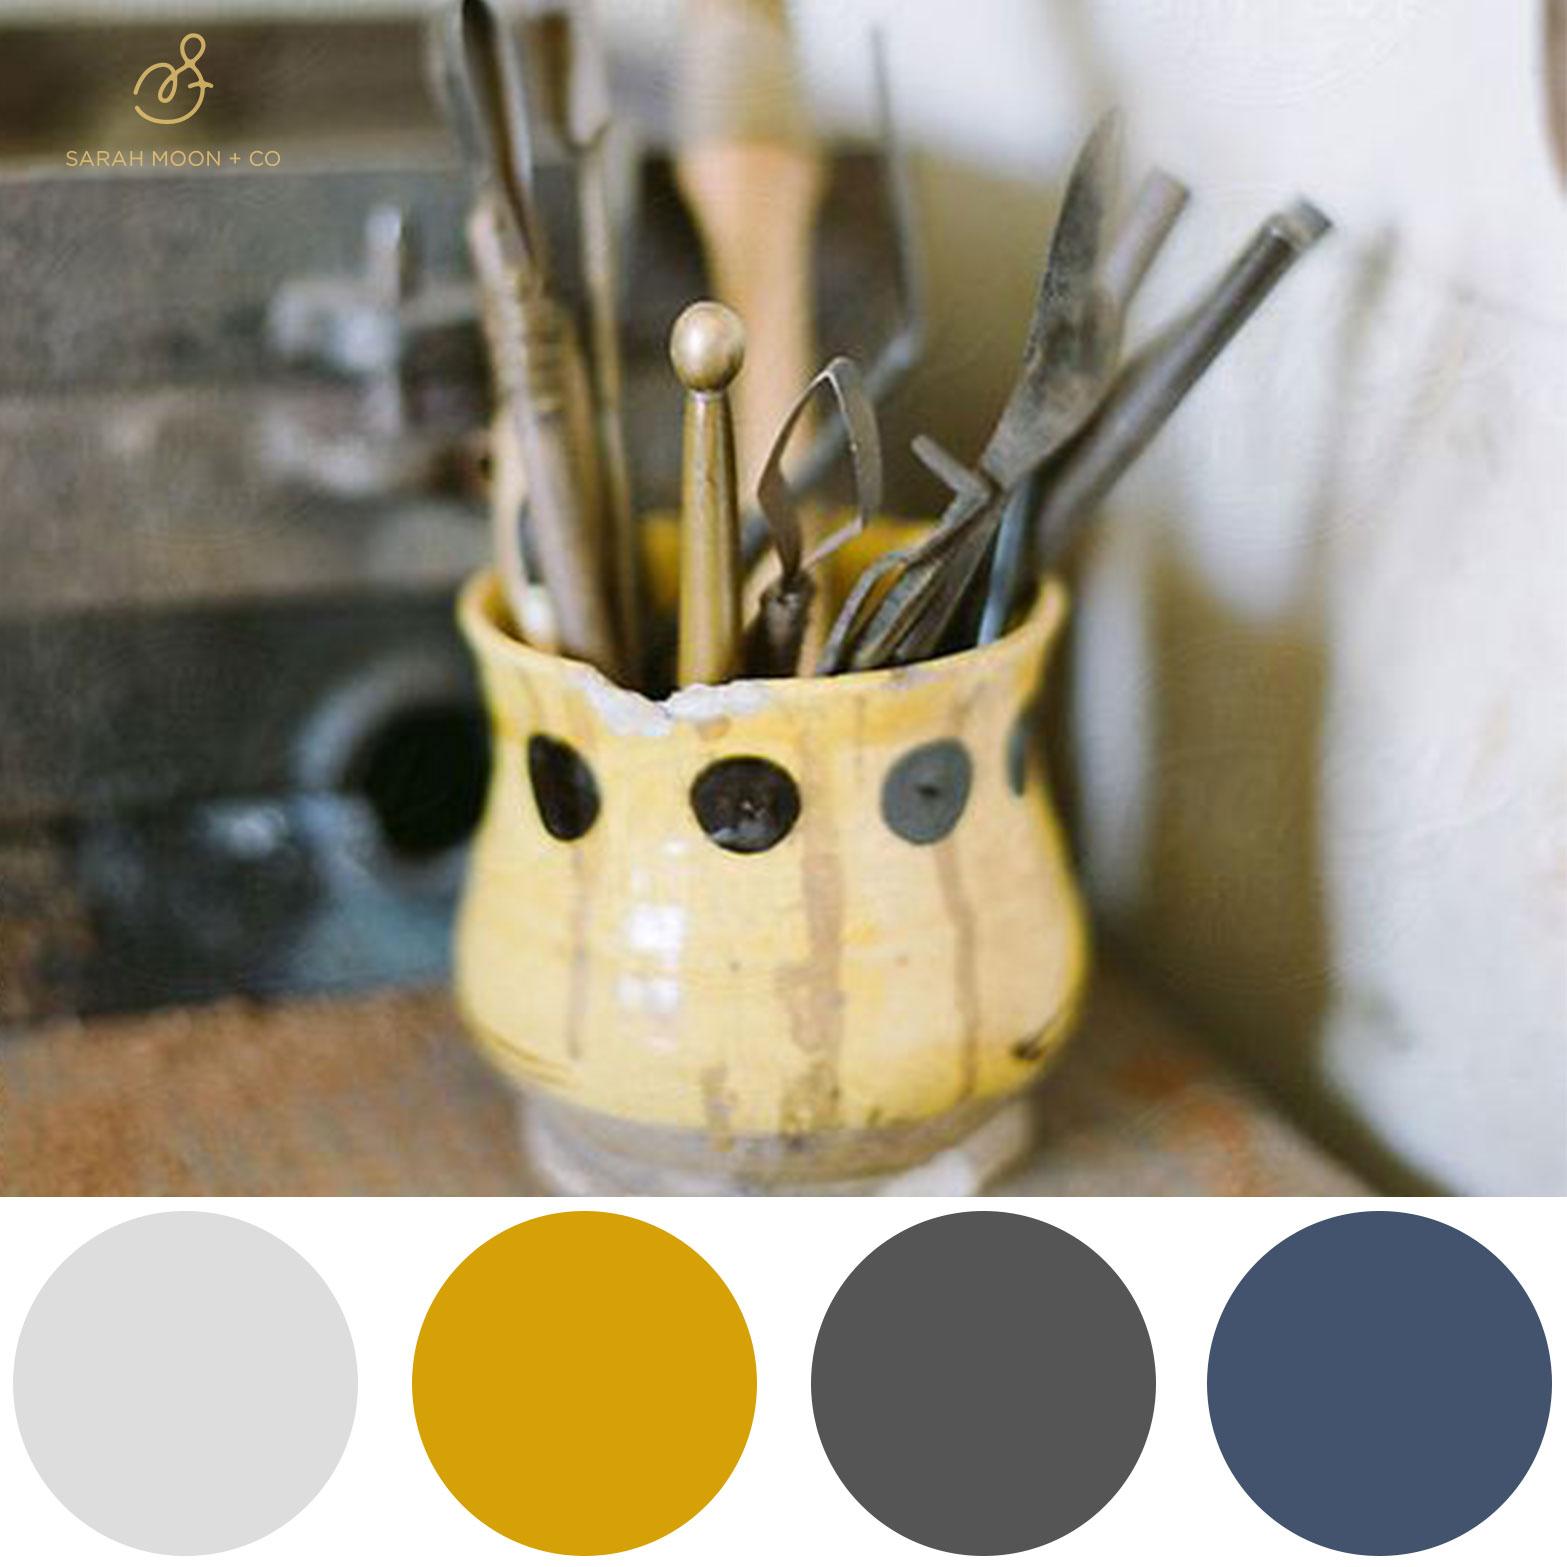 Client Color Palette - Sarah Moon + Co   sarahmoon.net